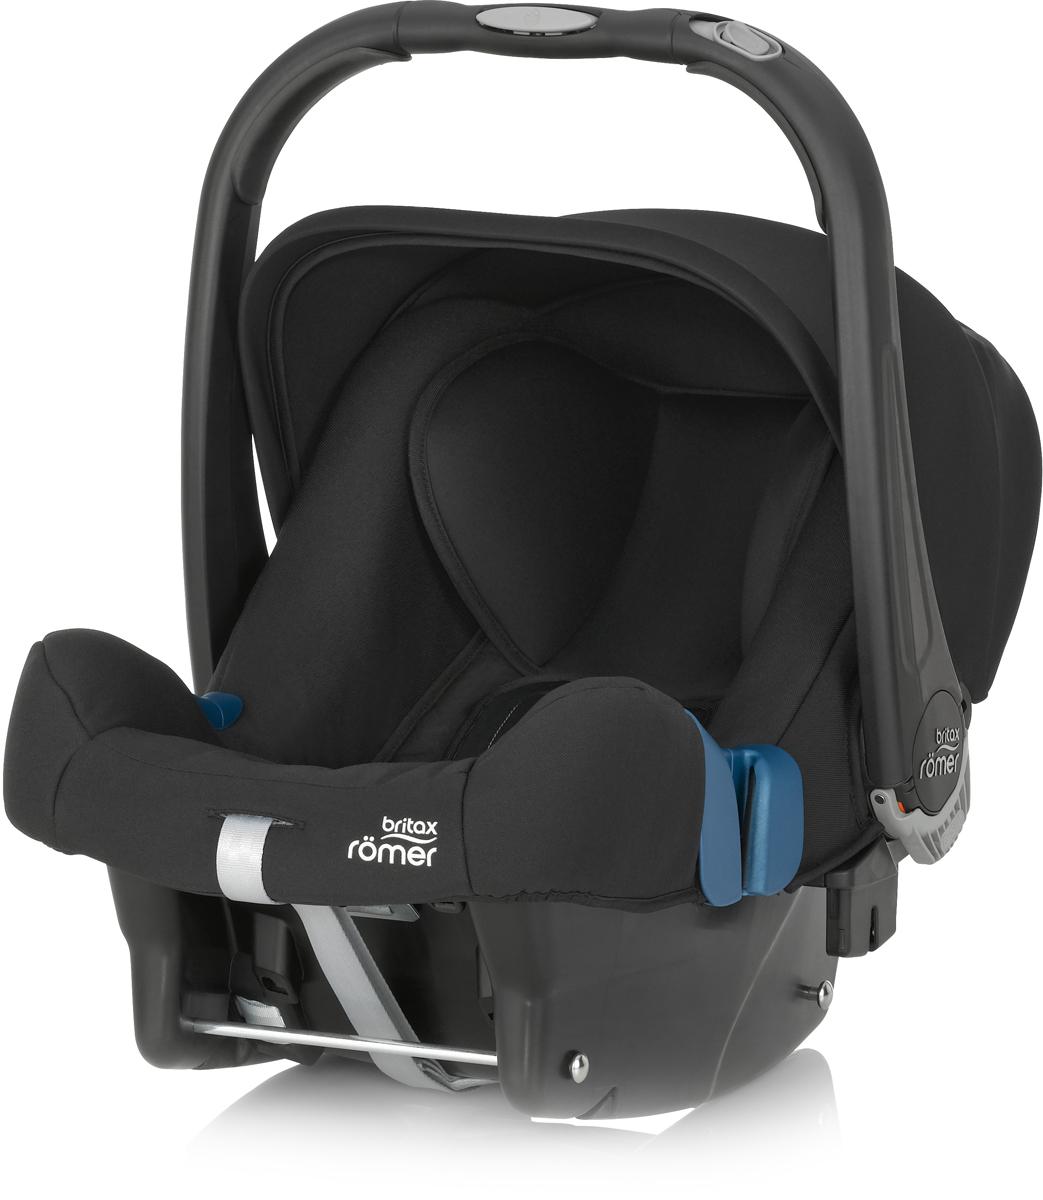 Romer Автокресло Baby-Safe Plus SHR II Cosmos Black до 13 кг2000023256Автокресло Romer Baby-Safe Plus SHR II группы 0+ предназначено для детей весом до 13 кг (от рождения до года). Мягкая, уютная обивка кресла из энергопоглощающих материалов, глубокие боковины, и дополнительная вставка для новорожденных создают уютное и безопасное место для ребенка с самого рождения. Пятиточечные ремни безопасности с централизованной системой натяжения и мягкими, энергопоглощающими плечевыми накладками, регулируются по высоте с помощью подголовника и надежно удерживают ребенка внутри автокресла. Встроенная система автоматического выравнивания действует при регулировке подголовника. Чем выше подголовник - тем просторней становится автокресло. Внутренние ремни безопасности также поднимаются автоматически, избавляя от ошибок самостоятельной регулировки. Travel System - система путешествий для активных родителей! Для приятной прогулки нужно поставить автокресло на раму коляски, обладающей механизмом CLICK & GO и мобильная коляска готова. Отсоединить...